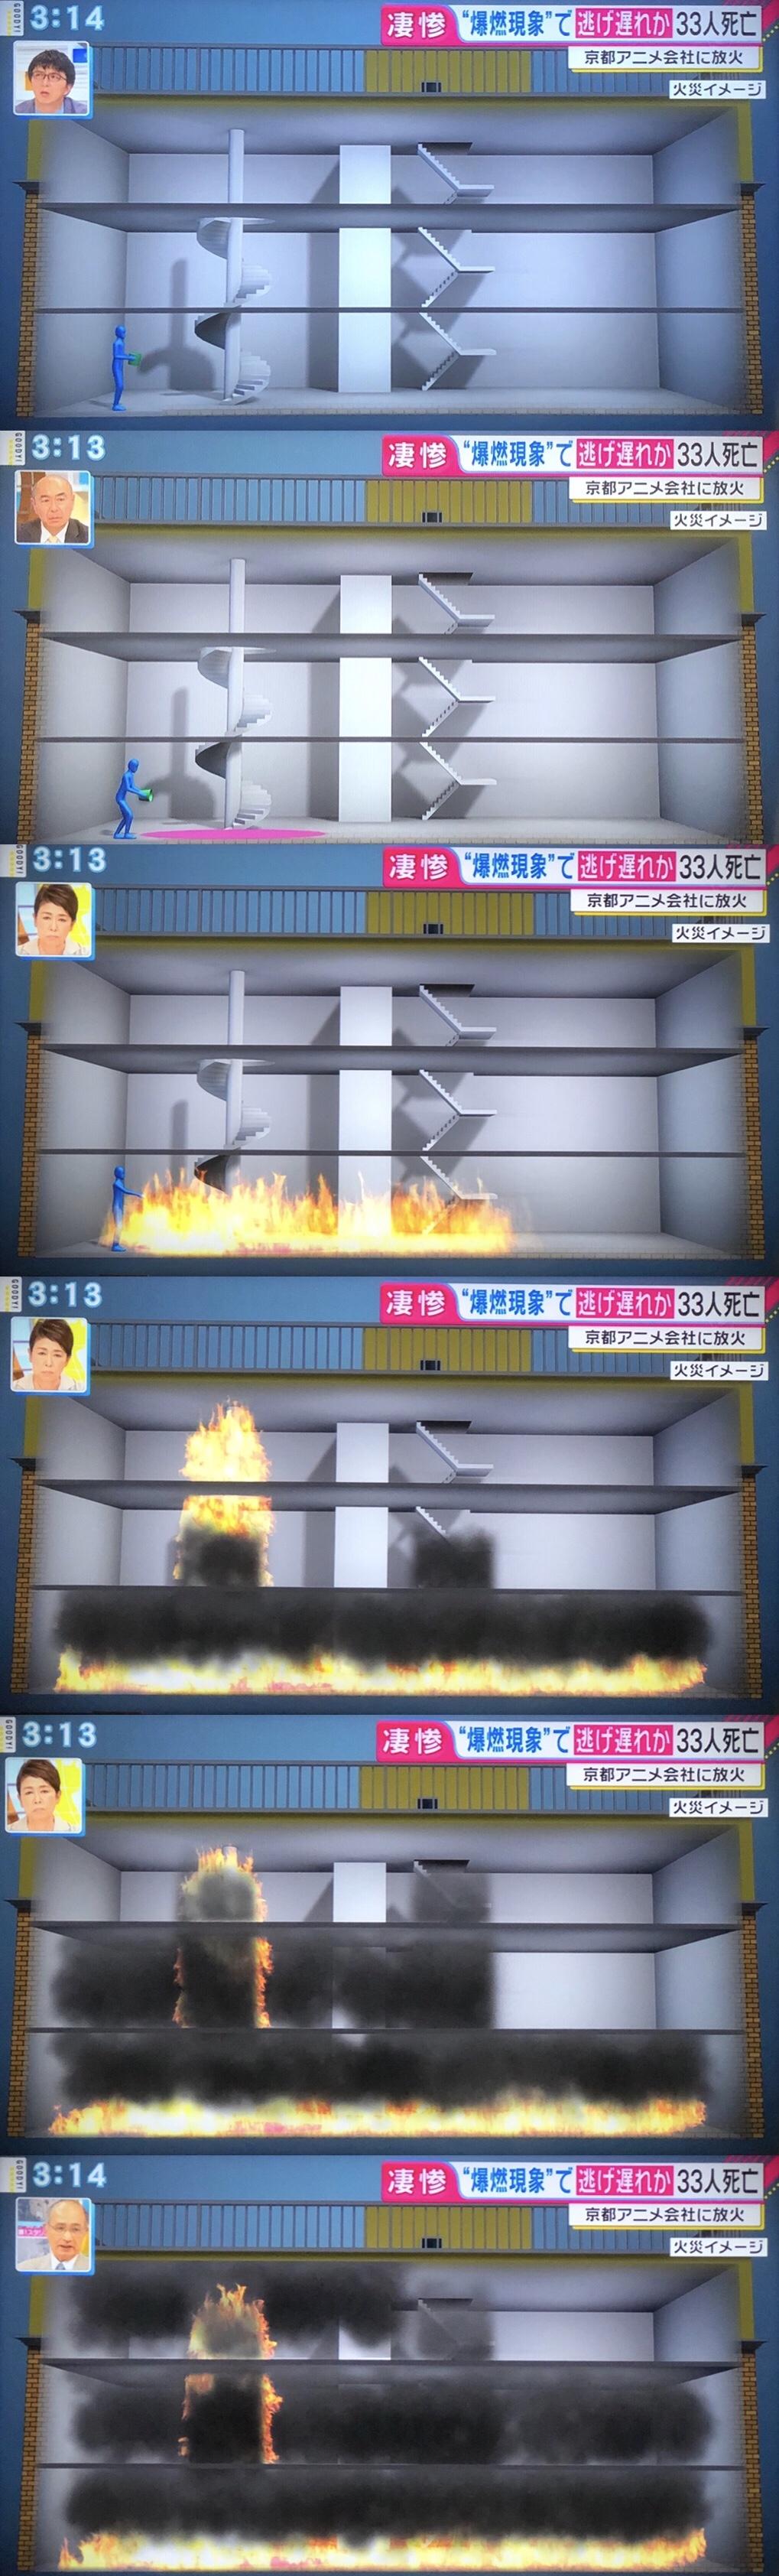 京都アニメーション火災 CG